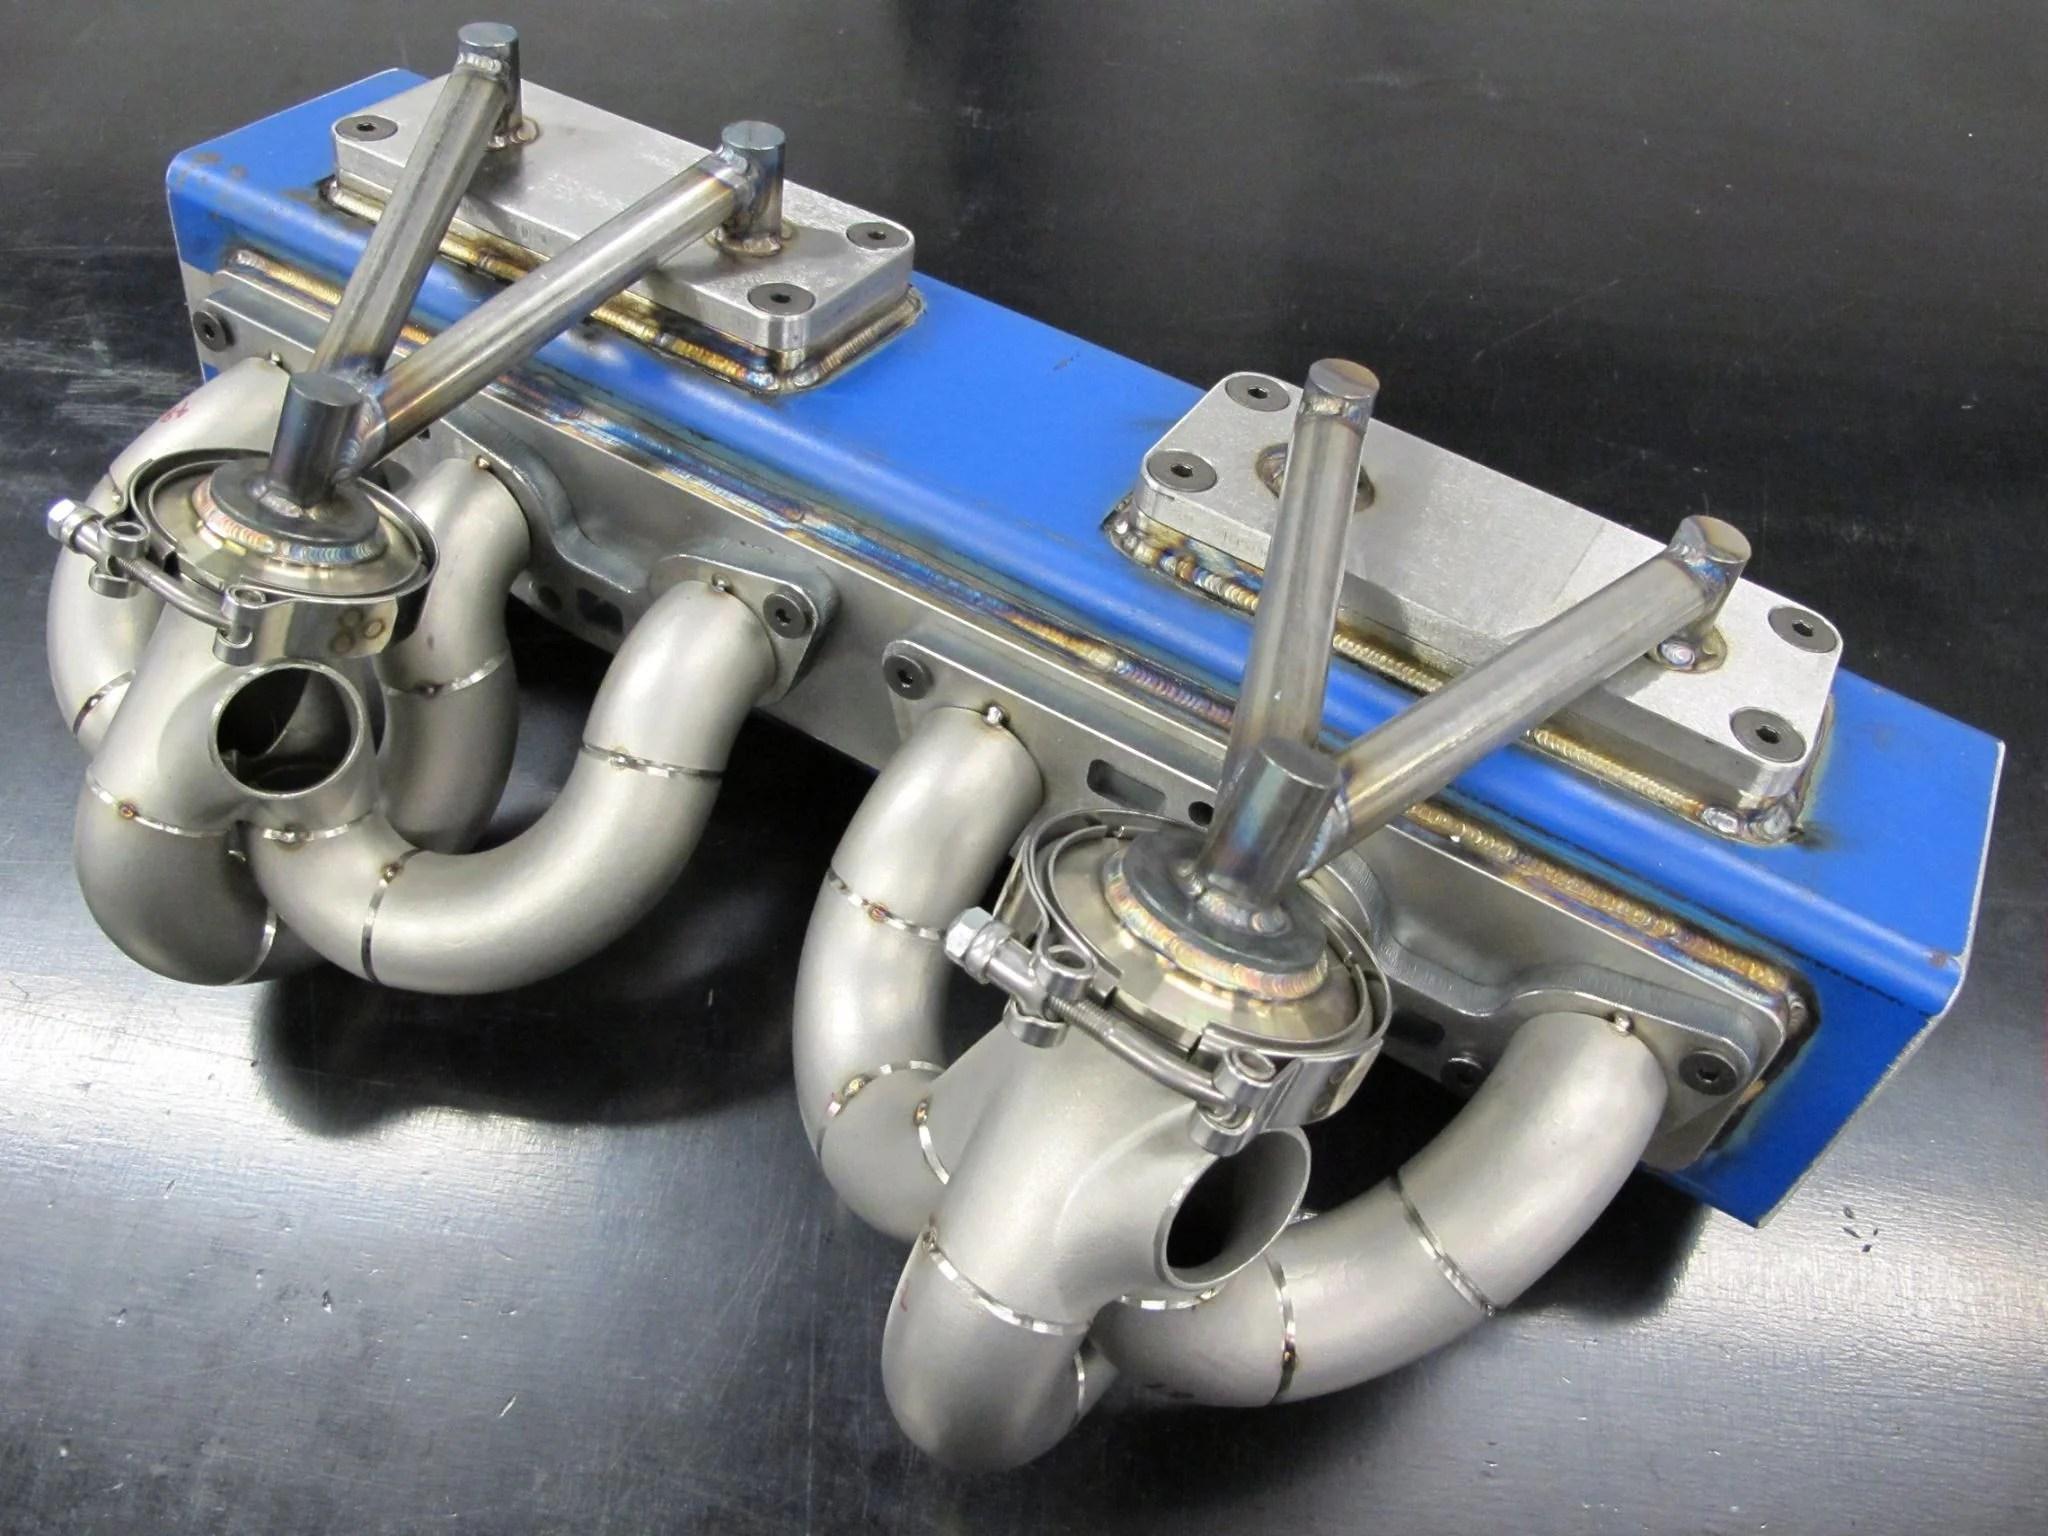 hypertune hypex rb26dett twin high mount exhaust manifold [ 2048 x 1536 Pixel ]